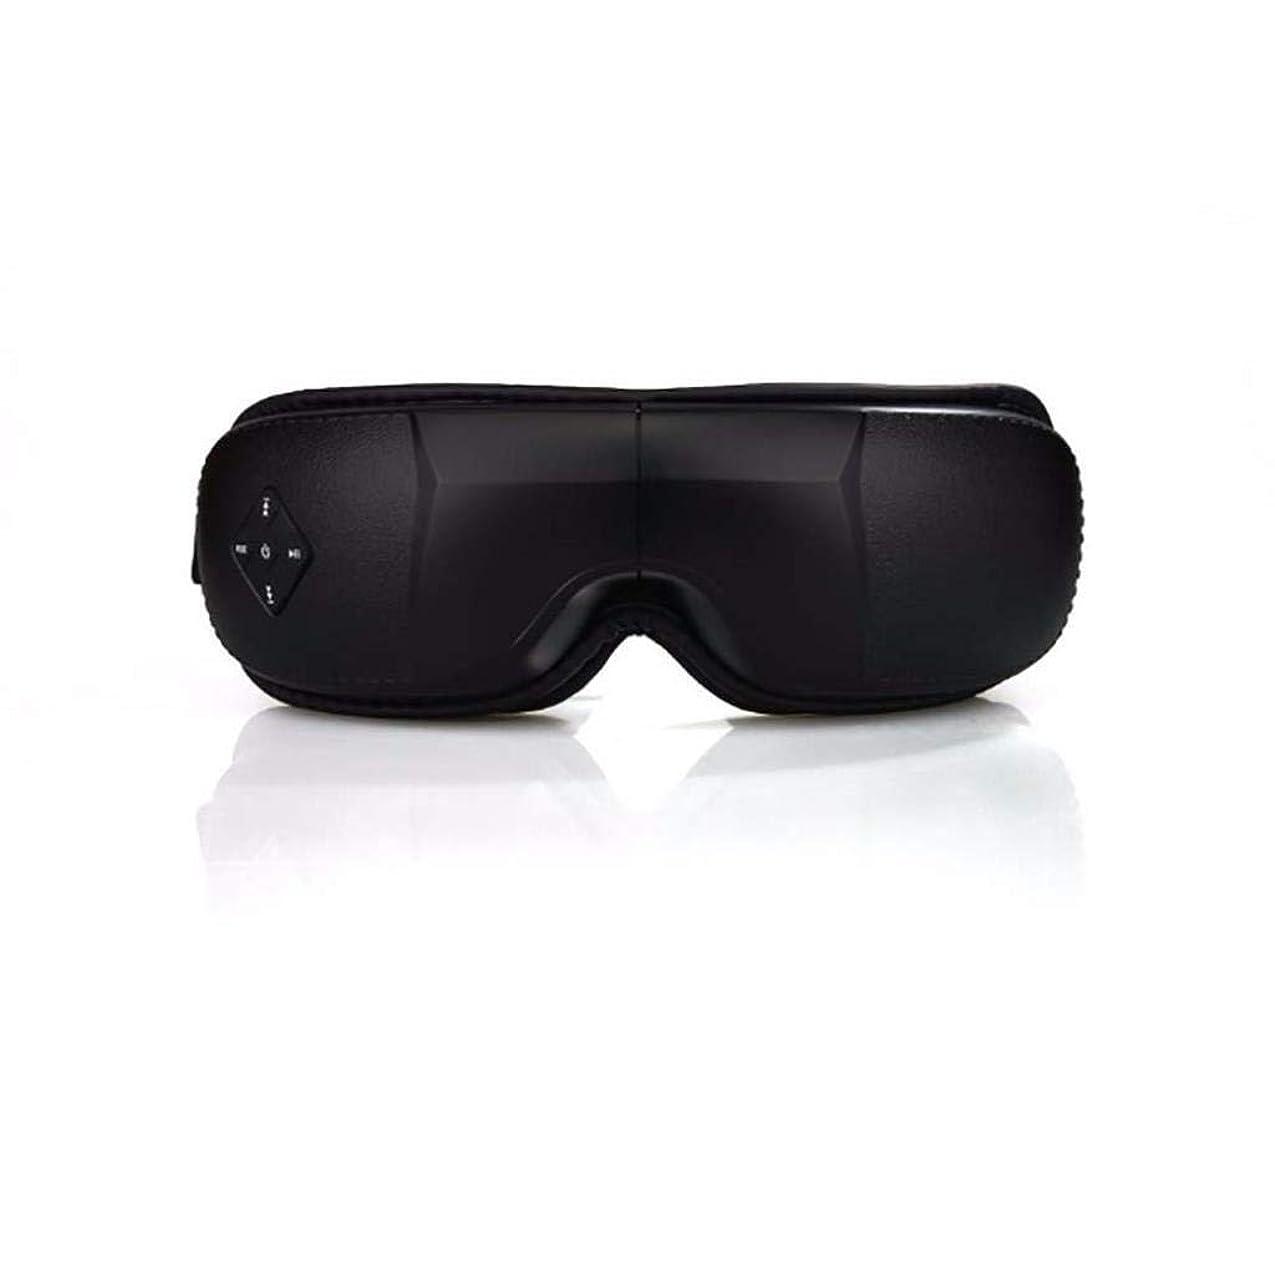 覗く内向き変数折り畳み式アイマッサージャー、充電式Bluetooth音楽マッサージャー、アイハイパーサーミアマッサージヘルスケアツール、アイバッグ、ダークサークル、頭痛緩和、睡眠改善、トラベルオフィスカー